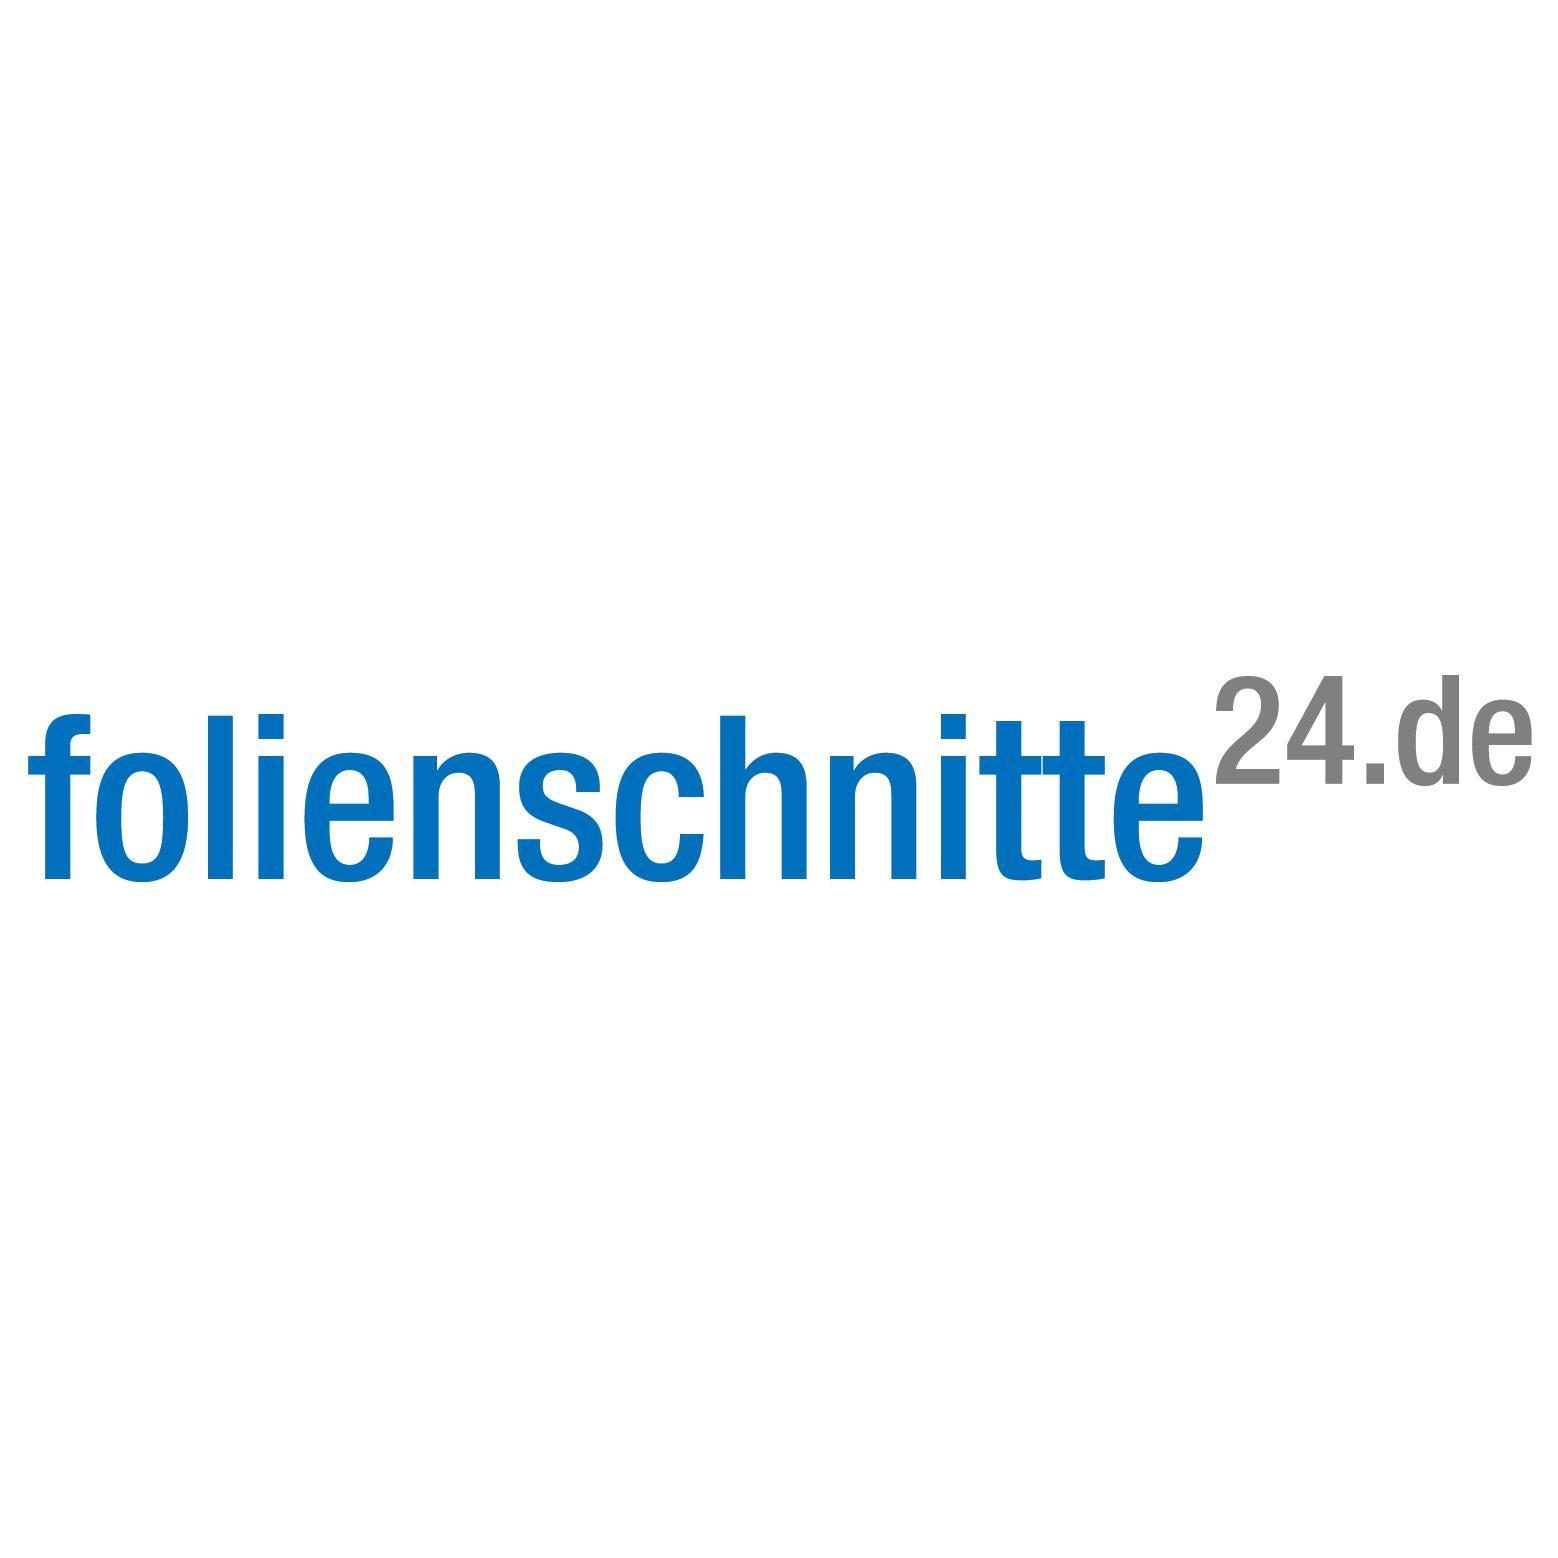 Bild zu folienschnitte24.de in Stuhr